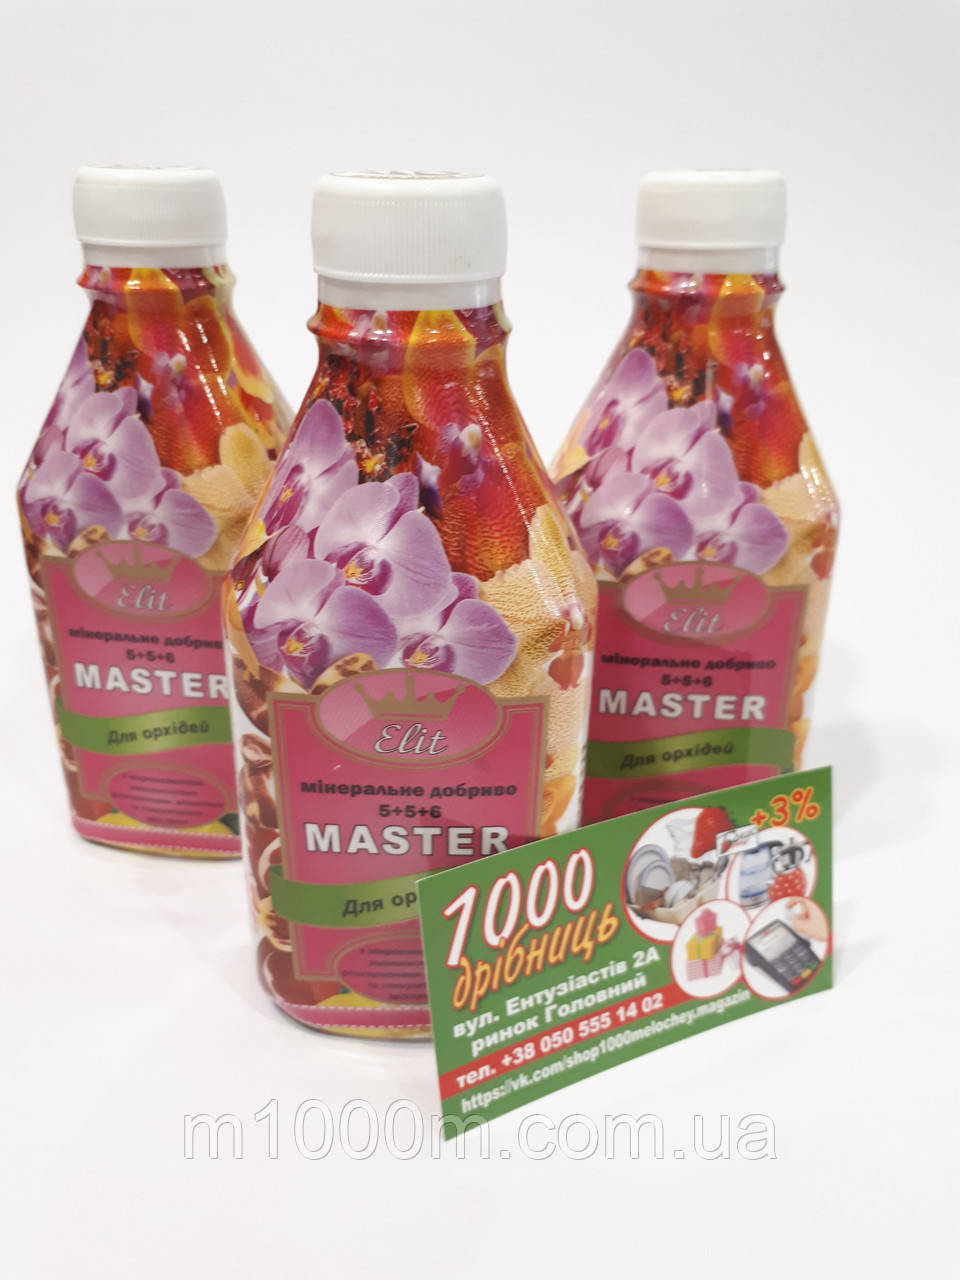 Удобрение для орхидей Master Elit (Мастер Элит), 300мл, 1шт